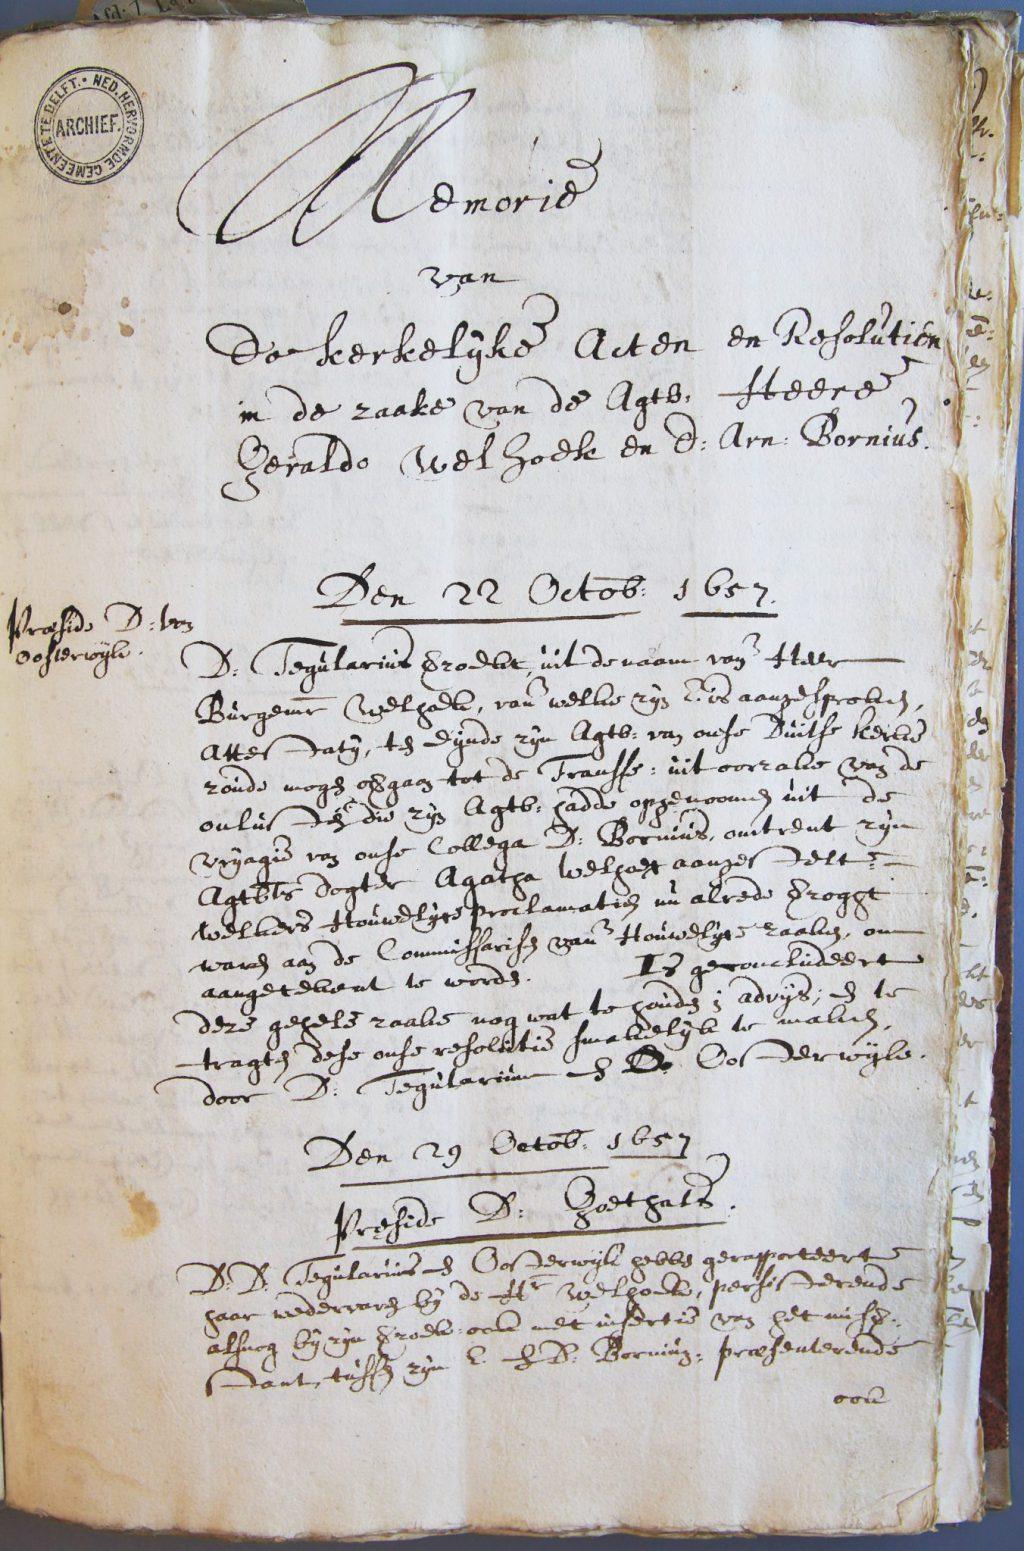 Pagina uit het kerkenraadsdossier over het geschil Welhoeck-Bornius (Archief 445, inv.nr 580)